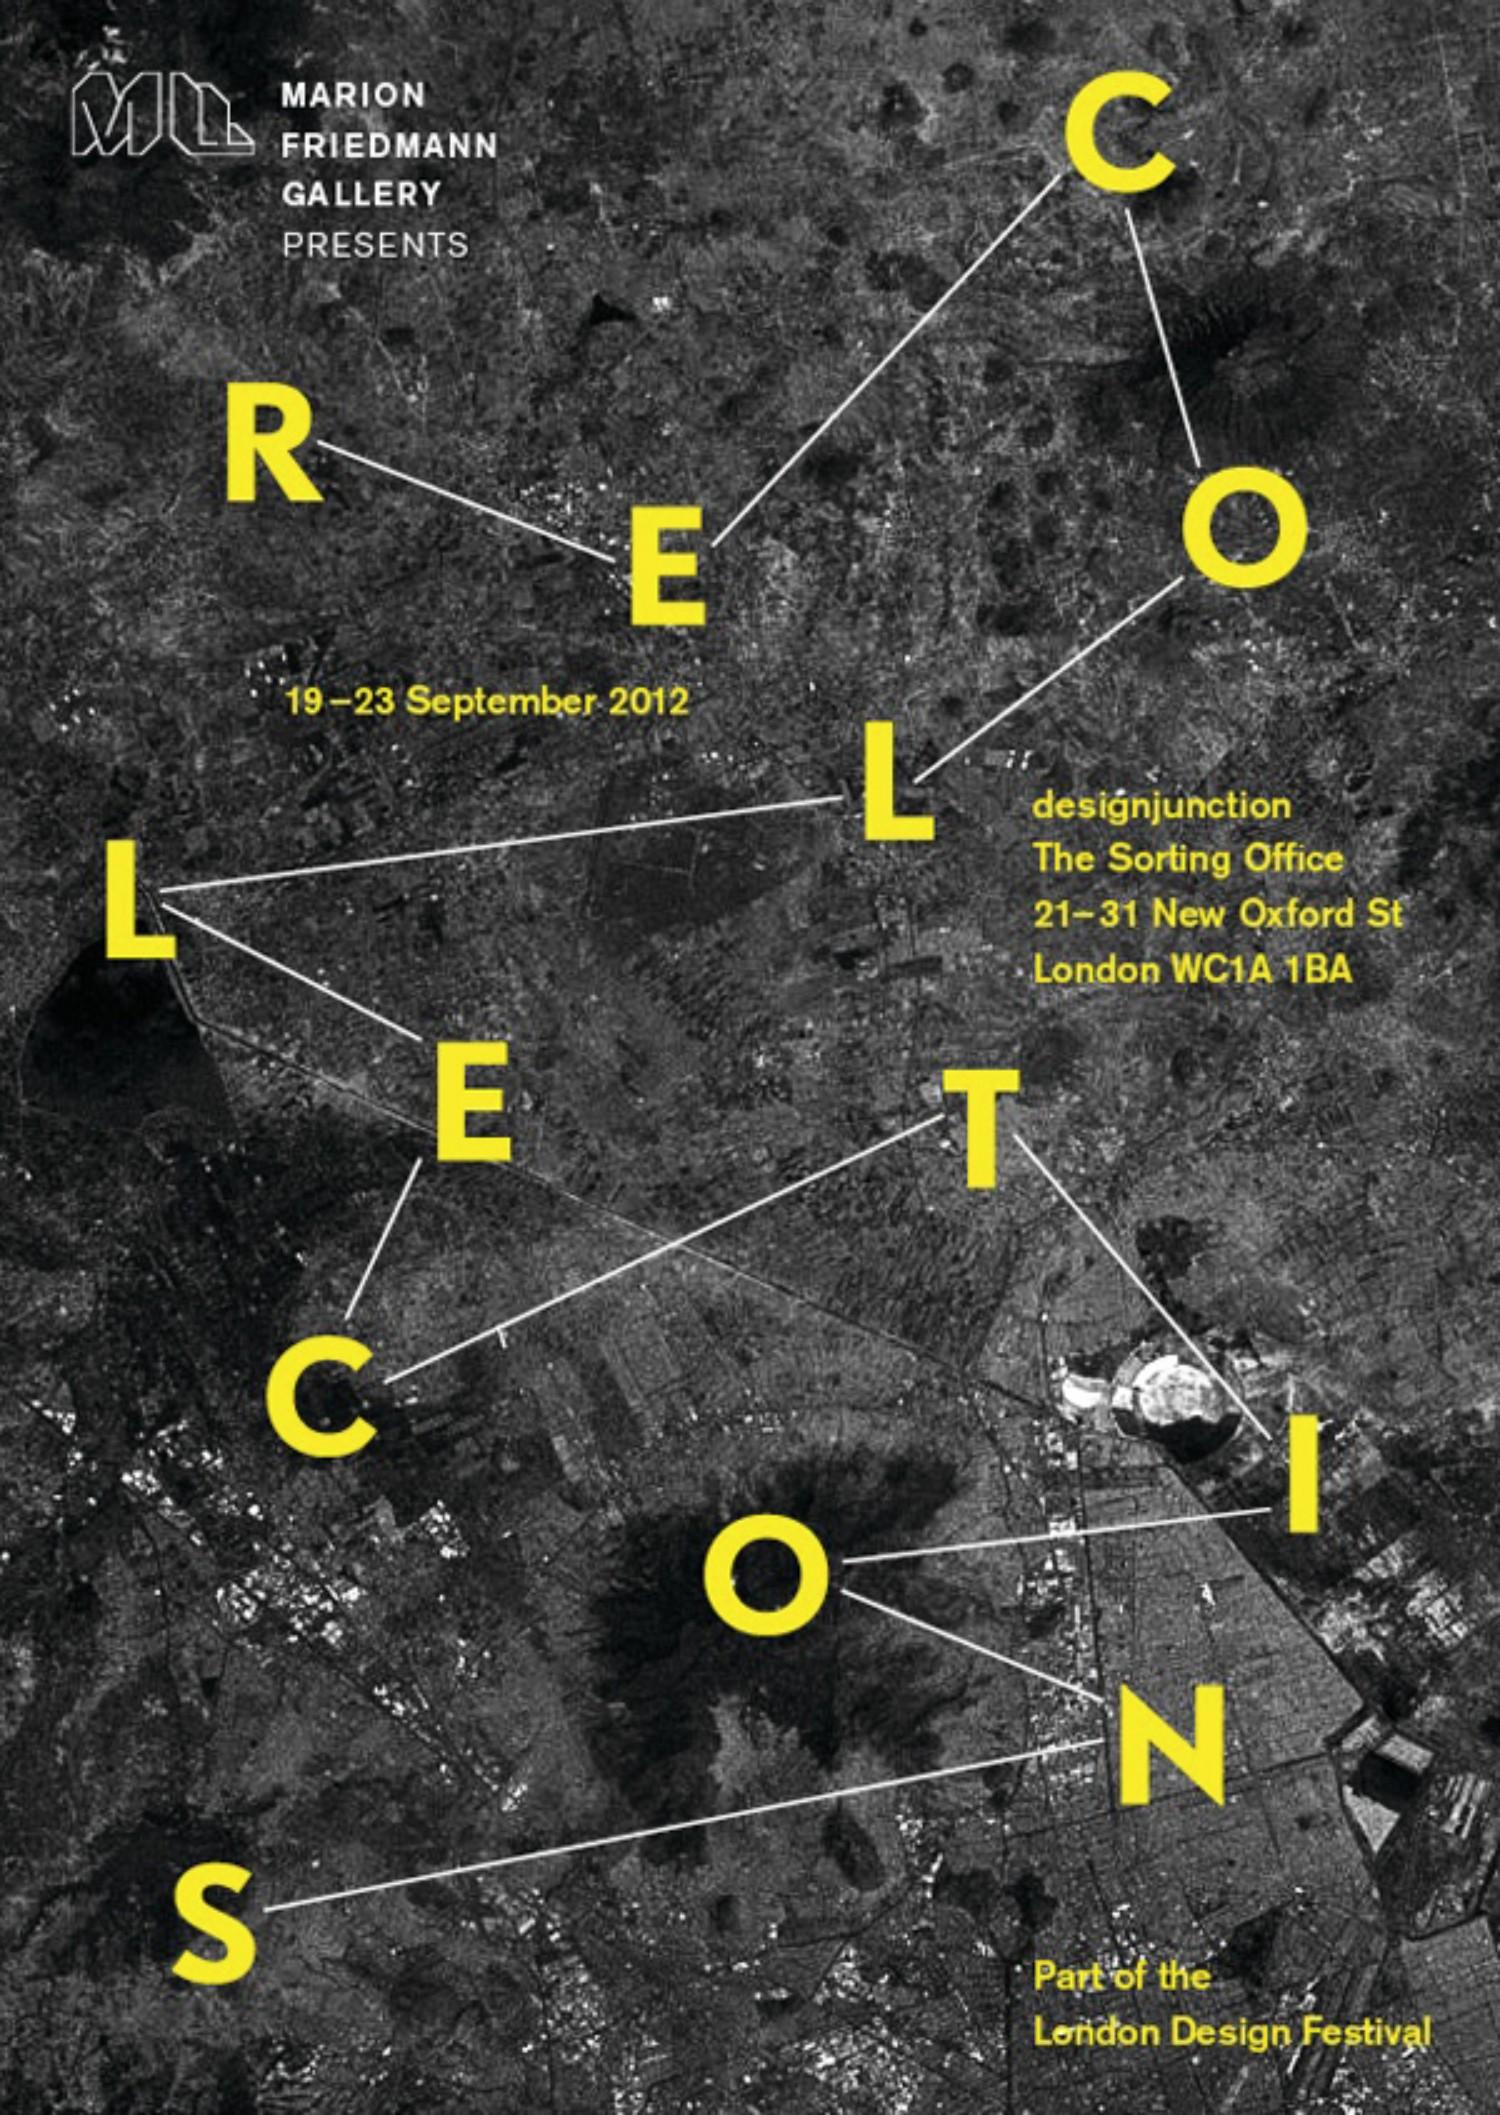 memory & design - LONDON DESIGN FESTIVAL 2012